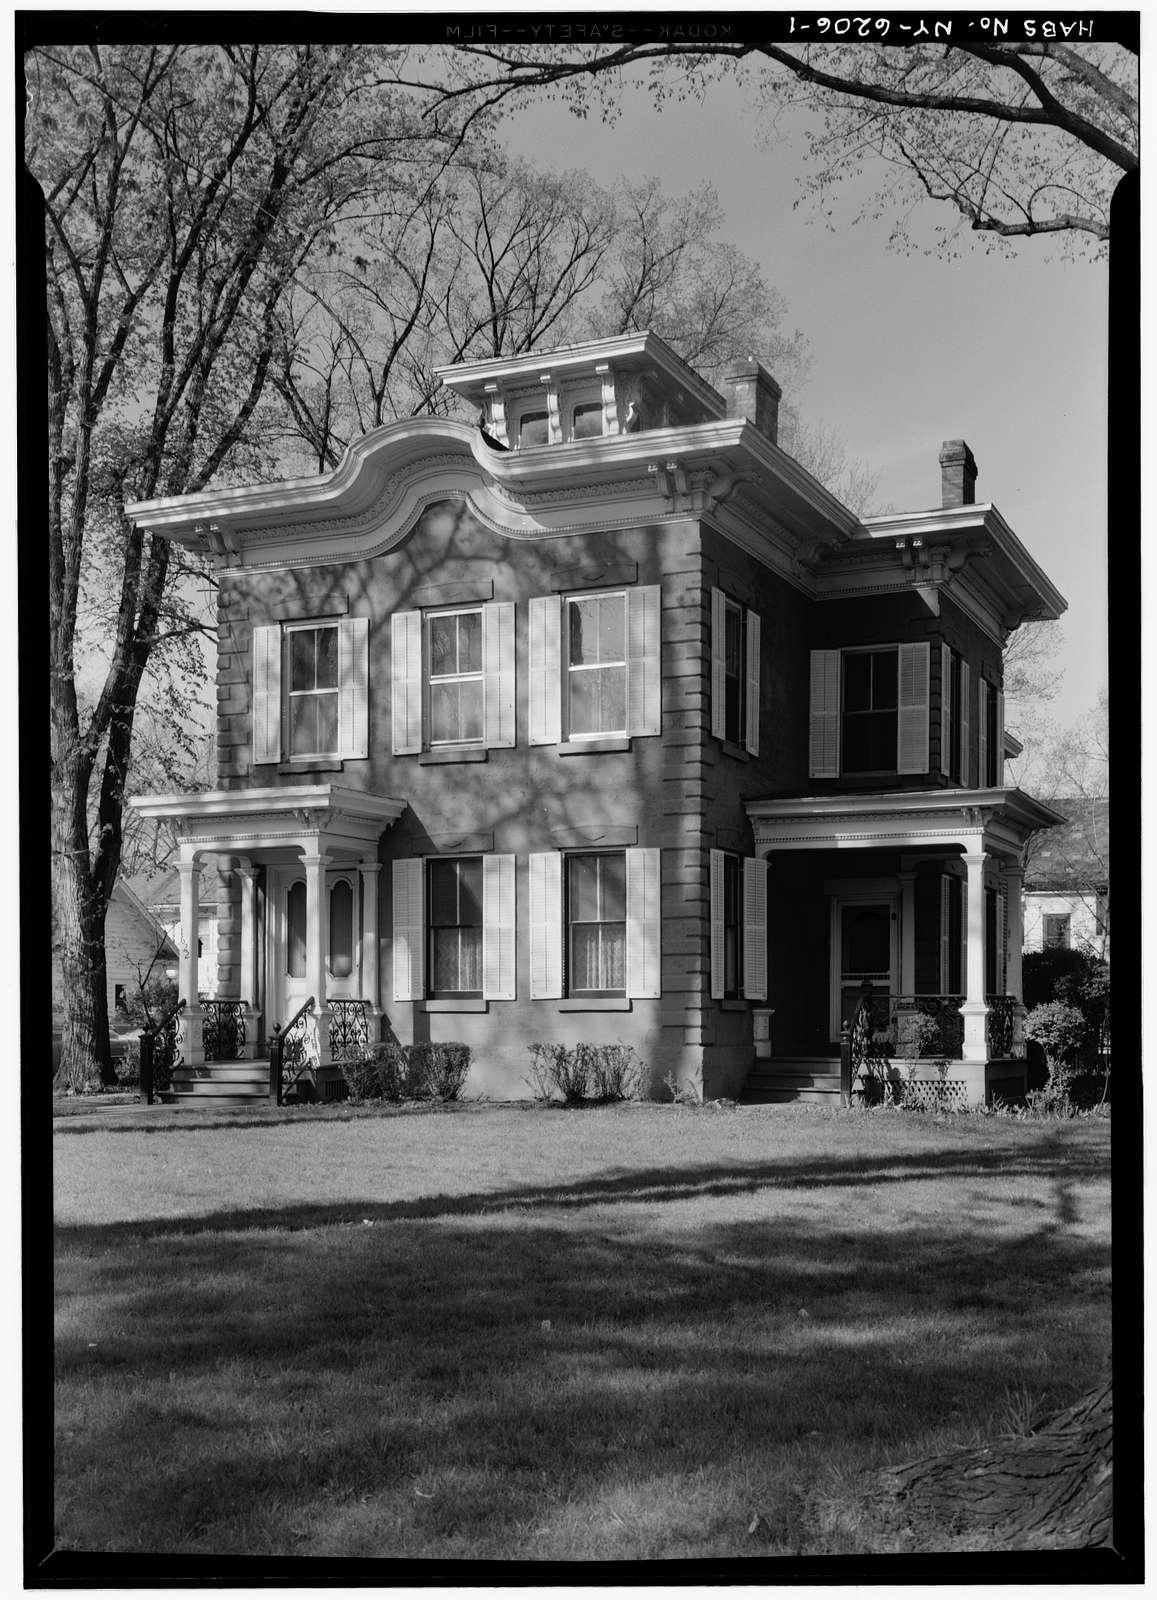 1622 South Salina Street (House), Syracuse, Onondaga County, NY